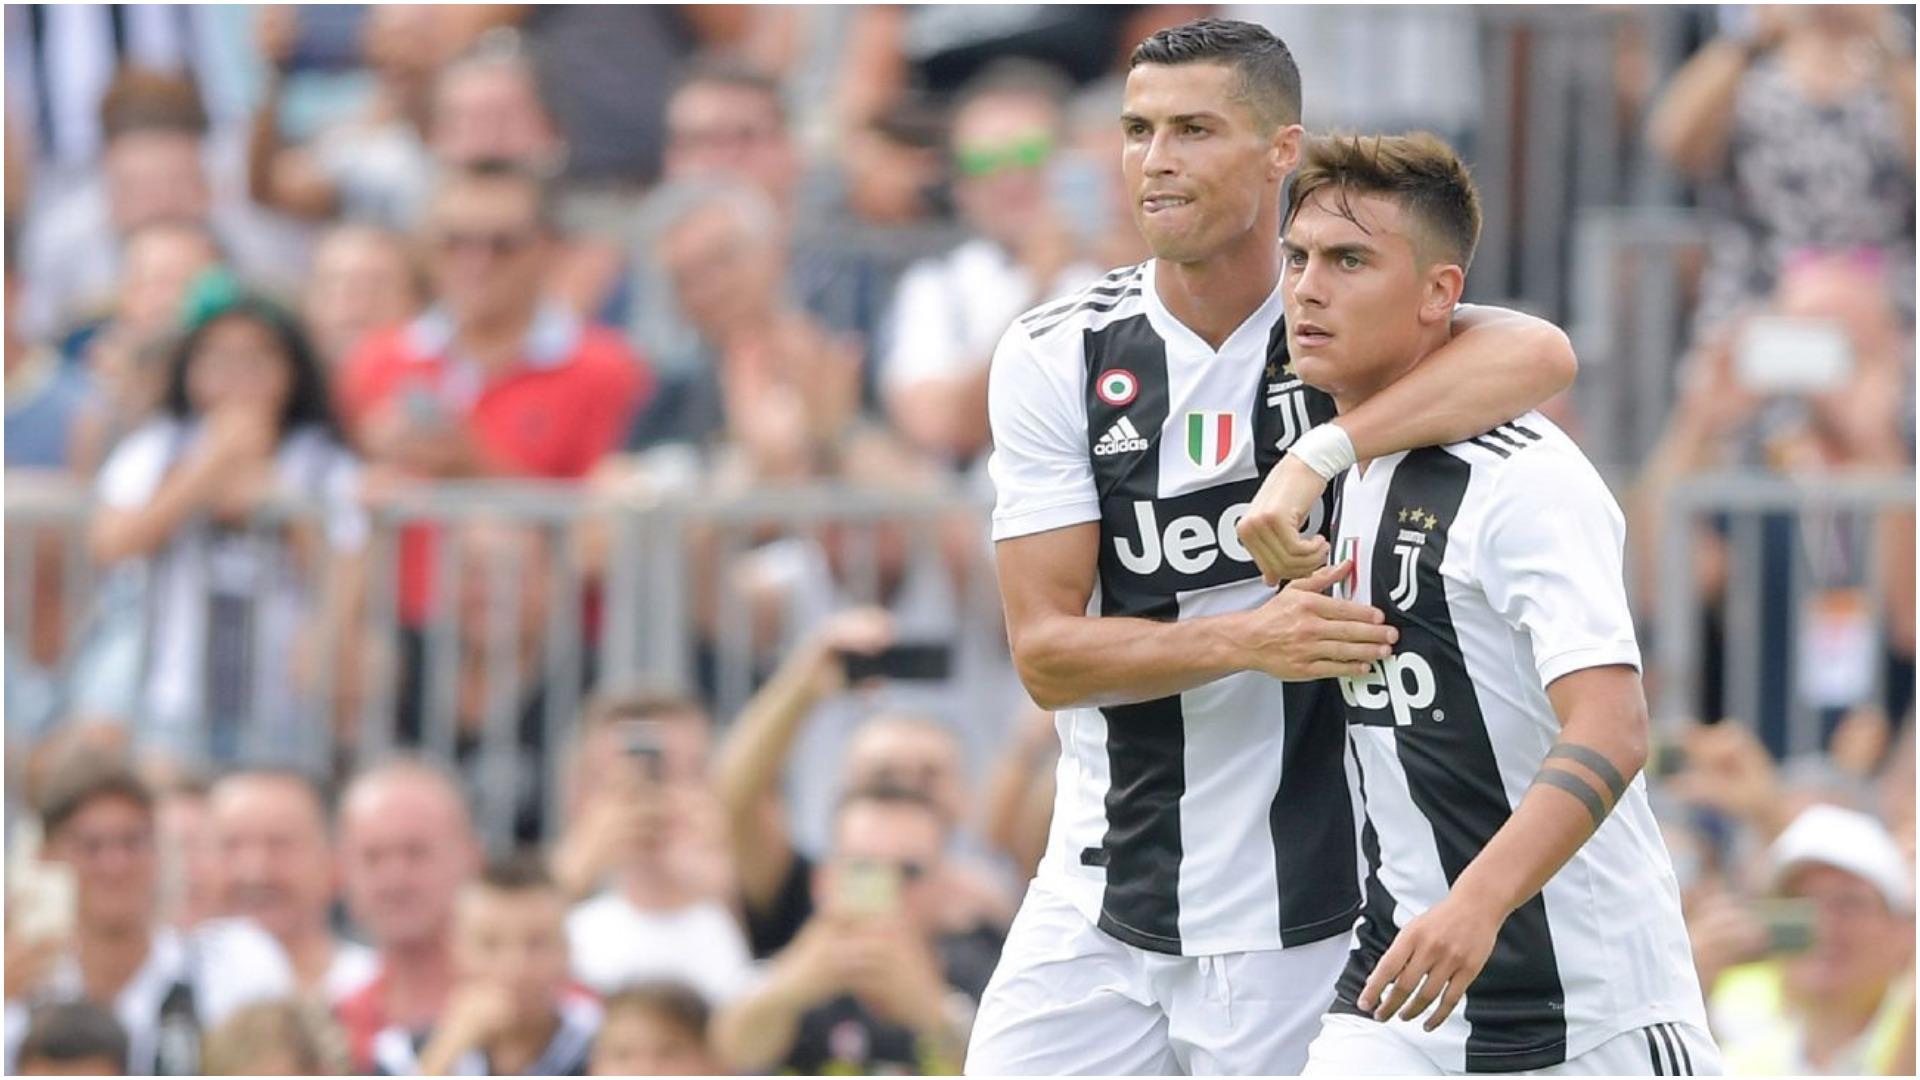 Padi në Prokurori nga ASL, nuk shpëtojnë as Ronaldo e Dybala